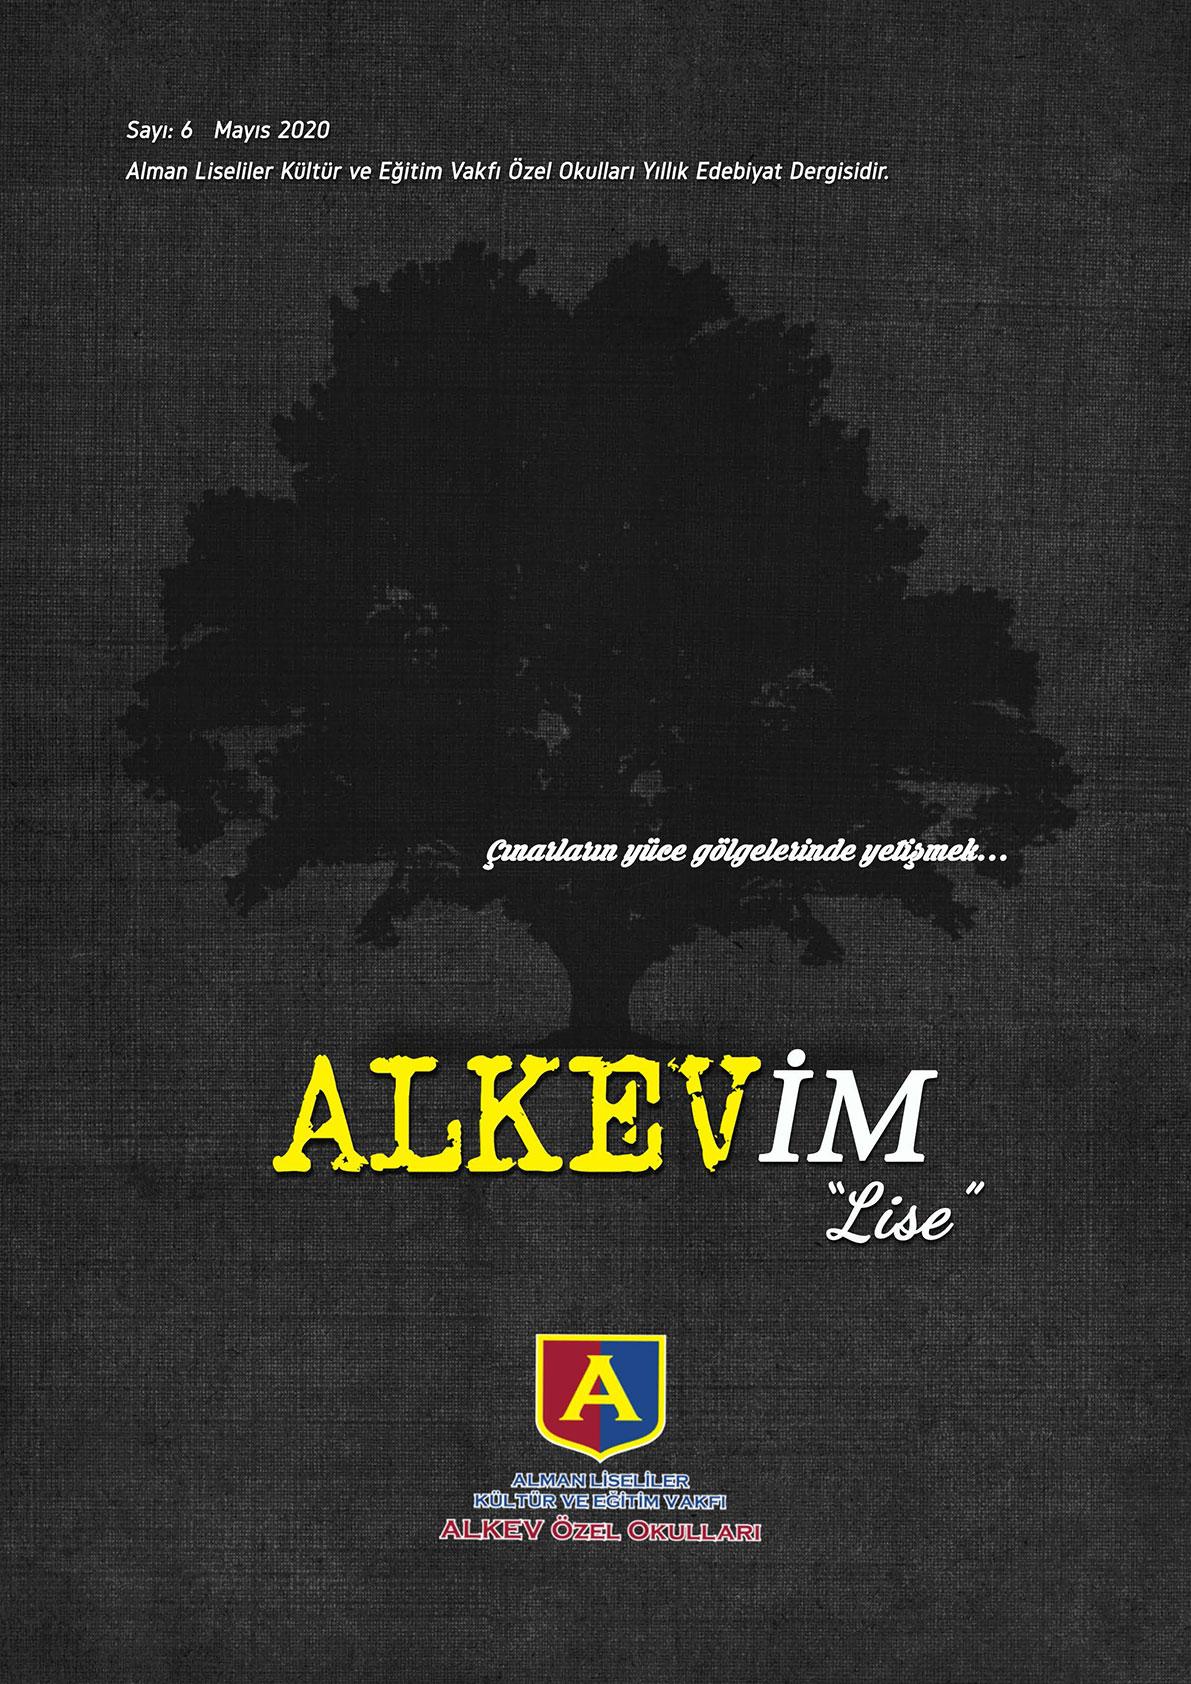 ALKEV'İM' Lise - Sayı: 6 / Mayıs 2020